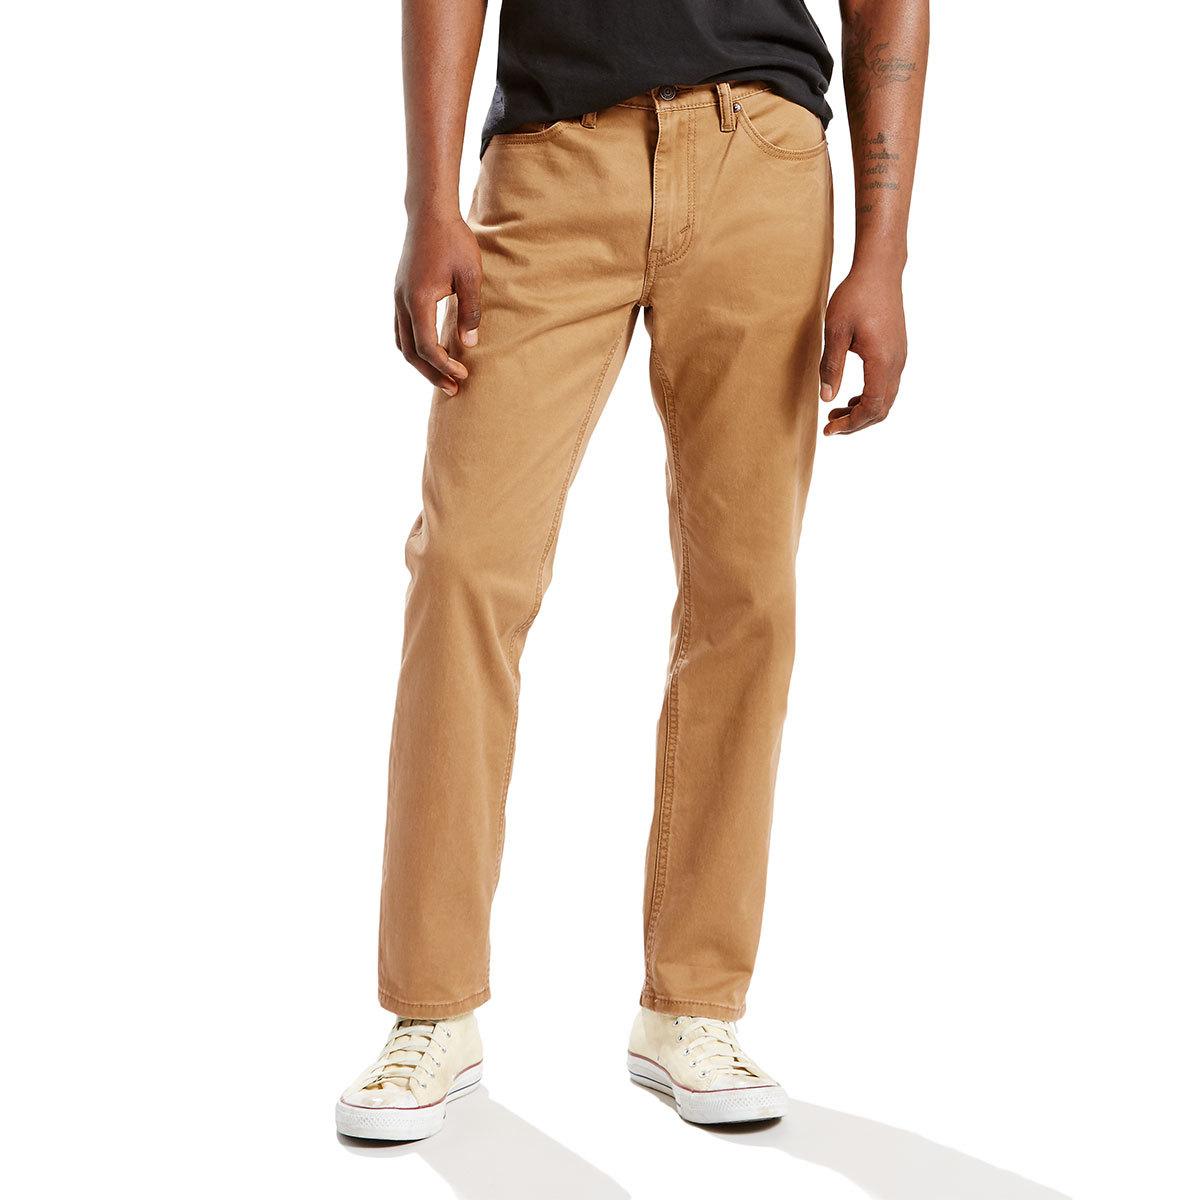 Levi's Men's 541 Athletic Fit Jeans - Brown, 29/30